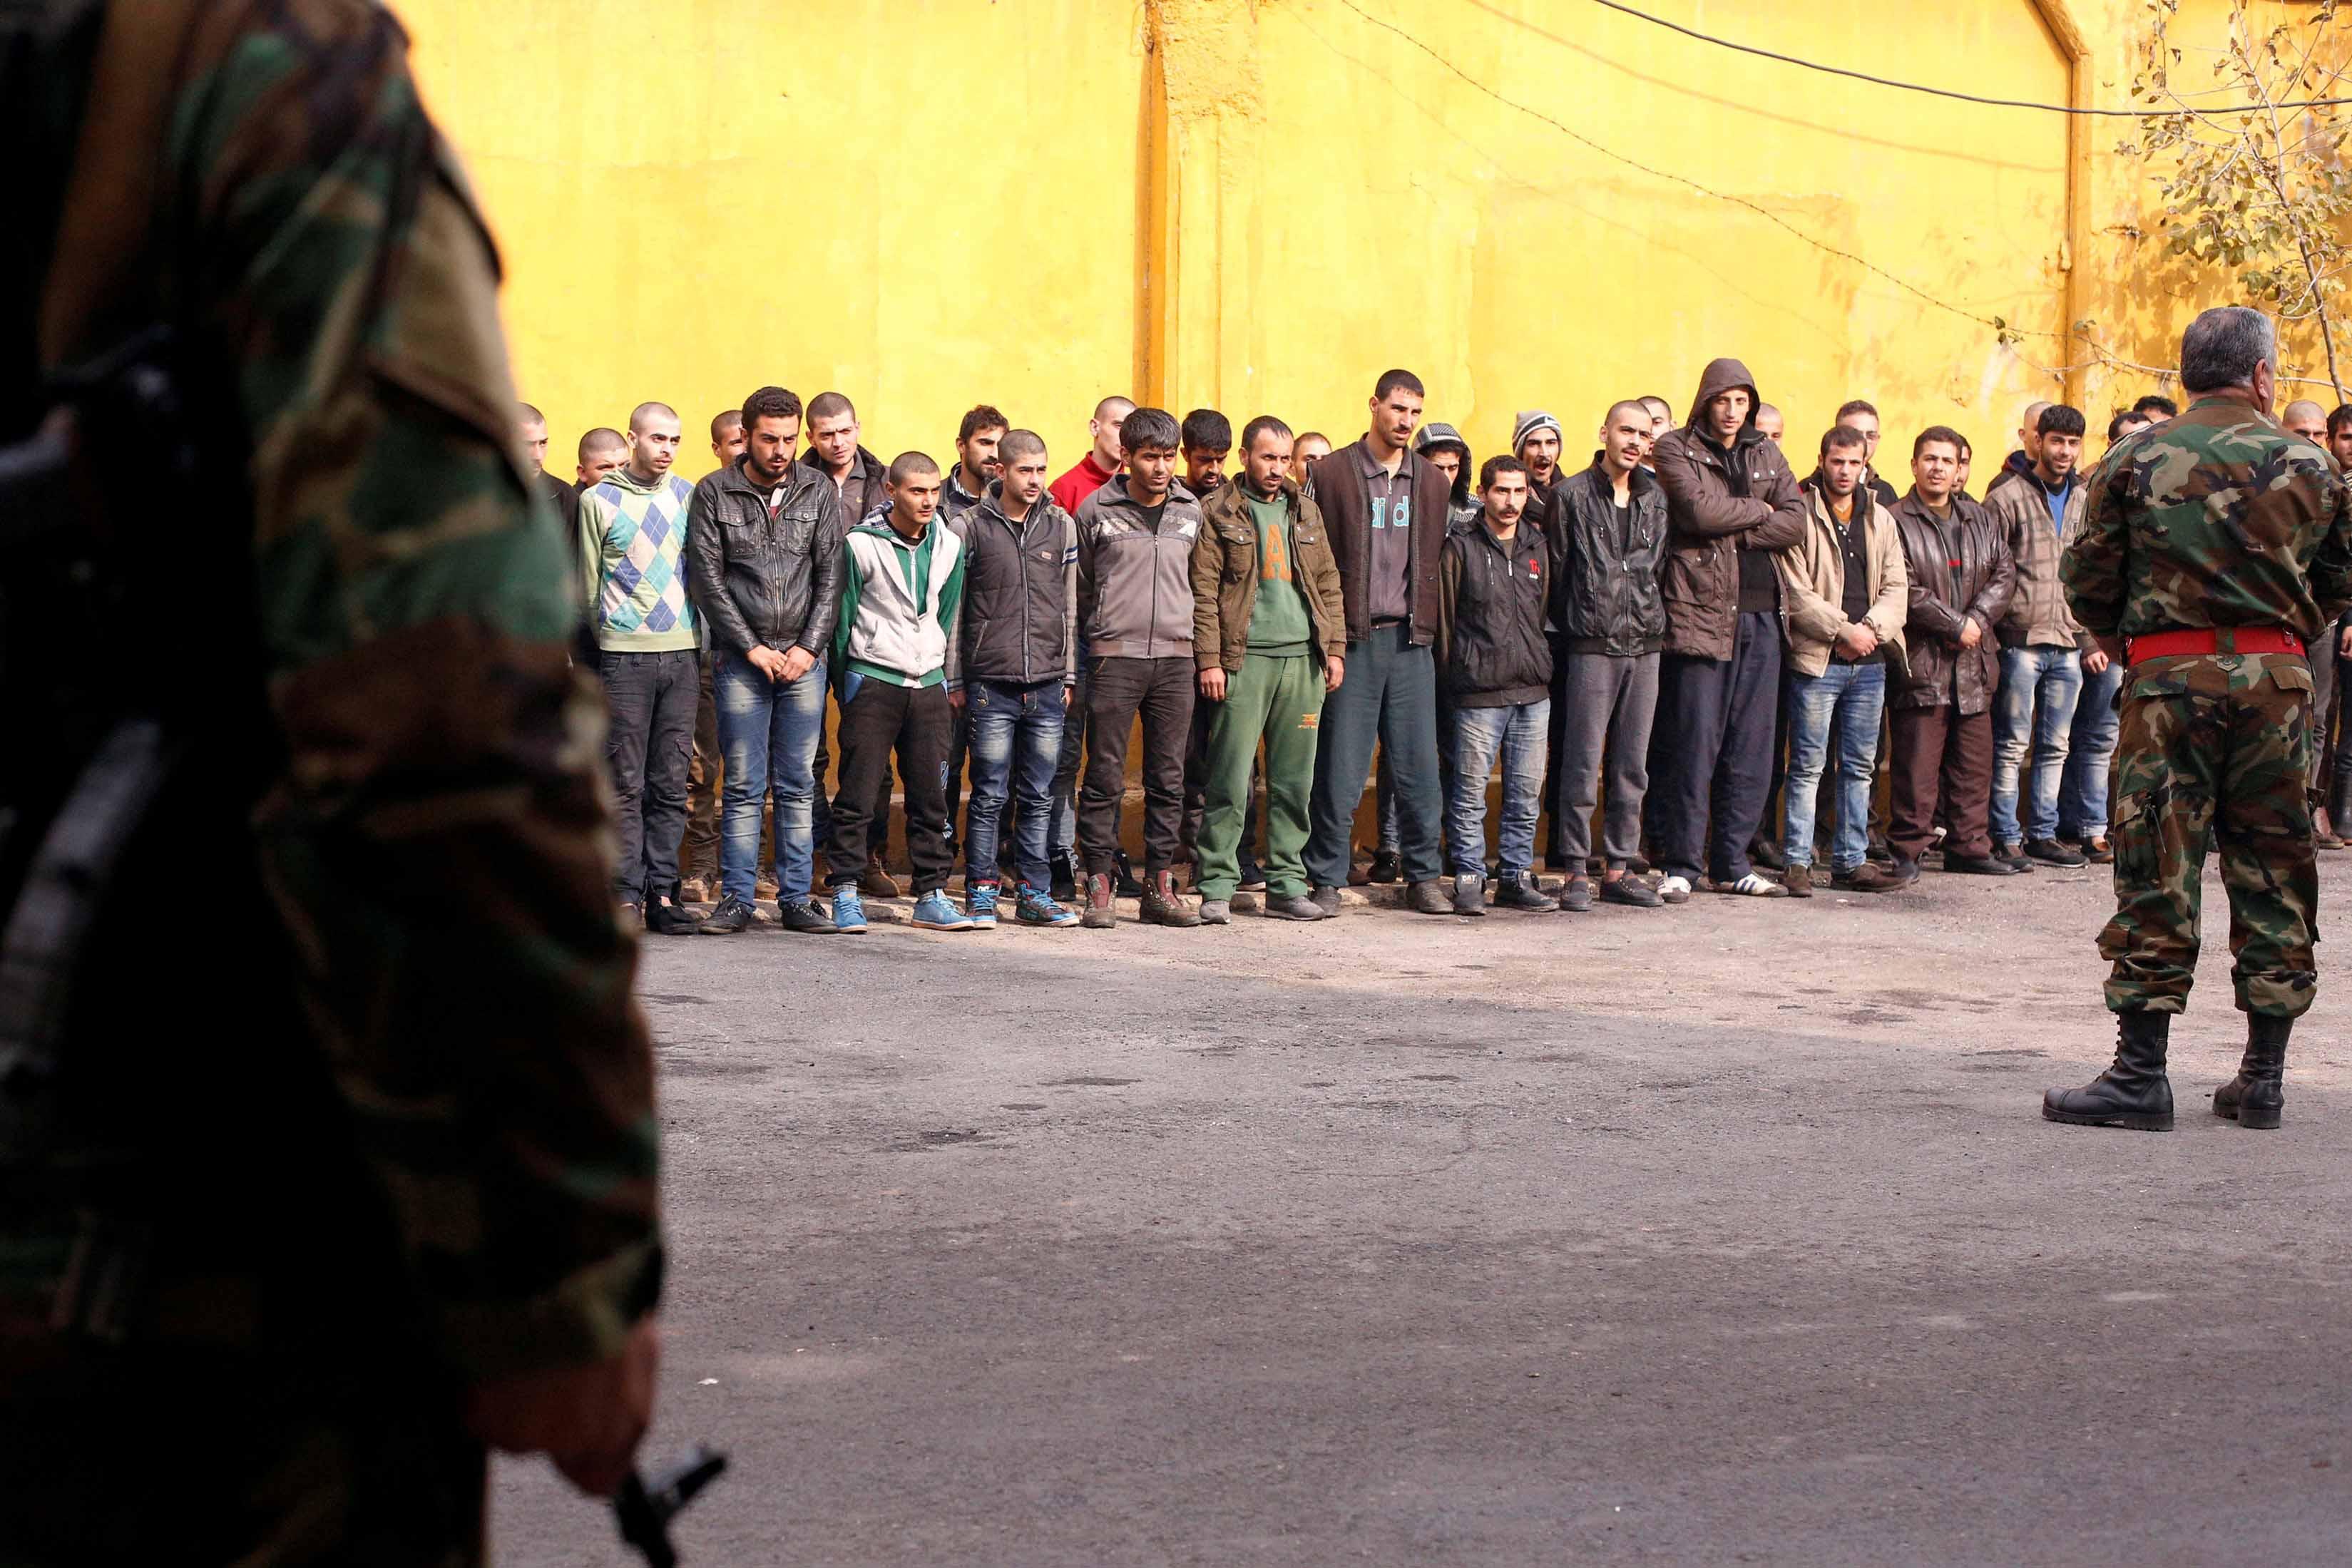 أحدث التطورات في حلب.. 4 آلاف مقاتل سيغادرون شرق حلب مع عائلاتهم